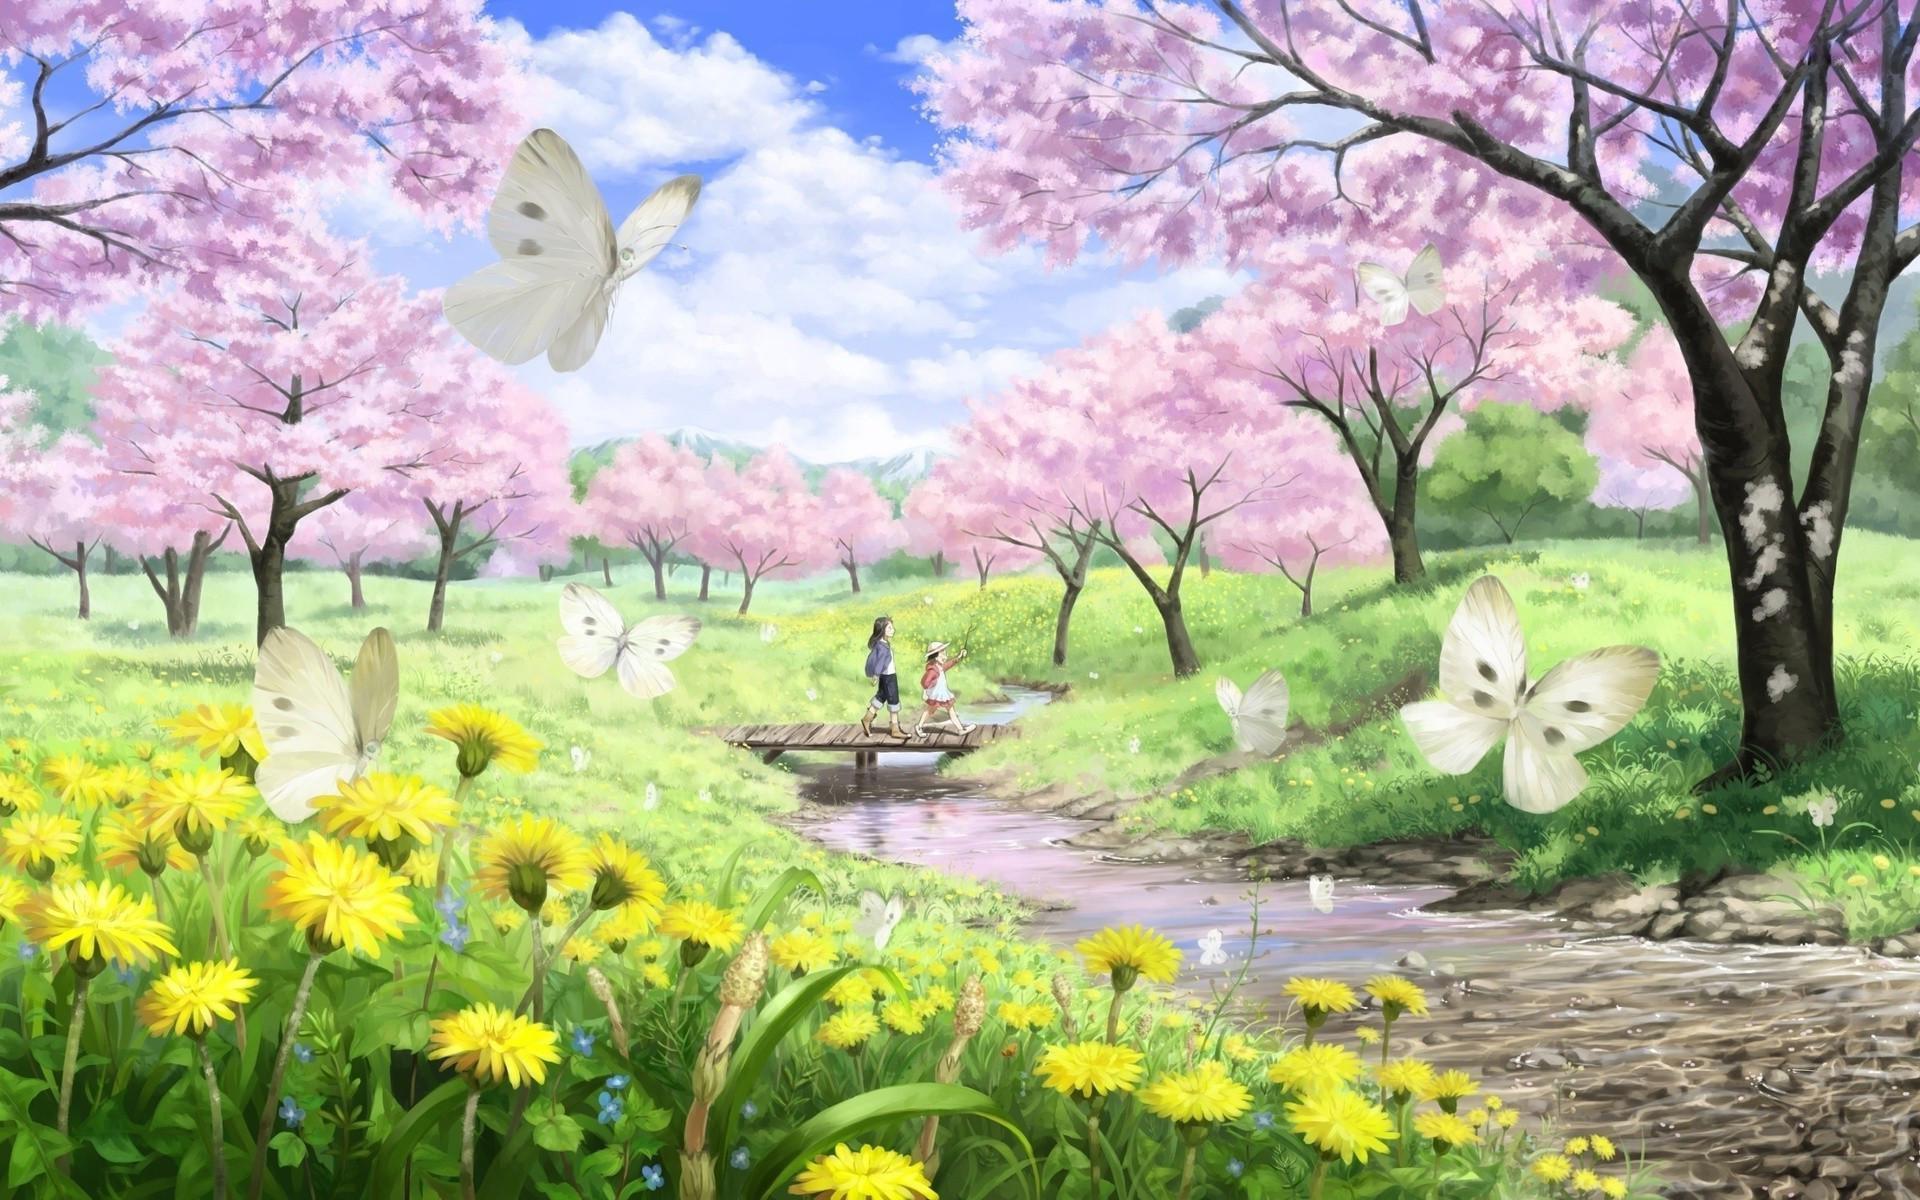 Res: 1920x1200, Spring nature desktop wallpaper wallpaper hd new.